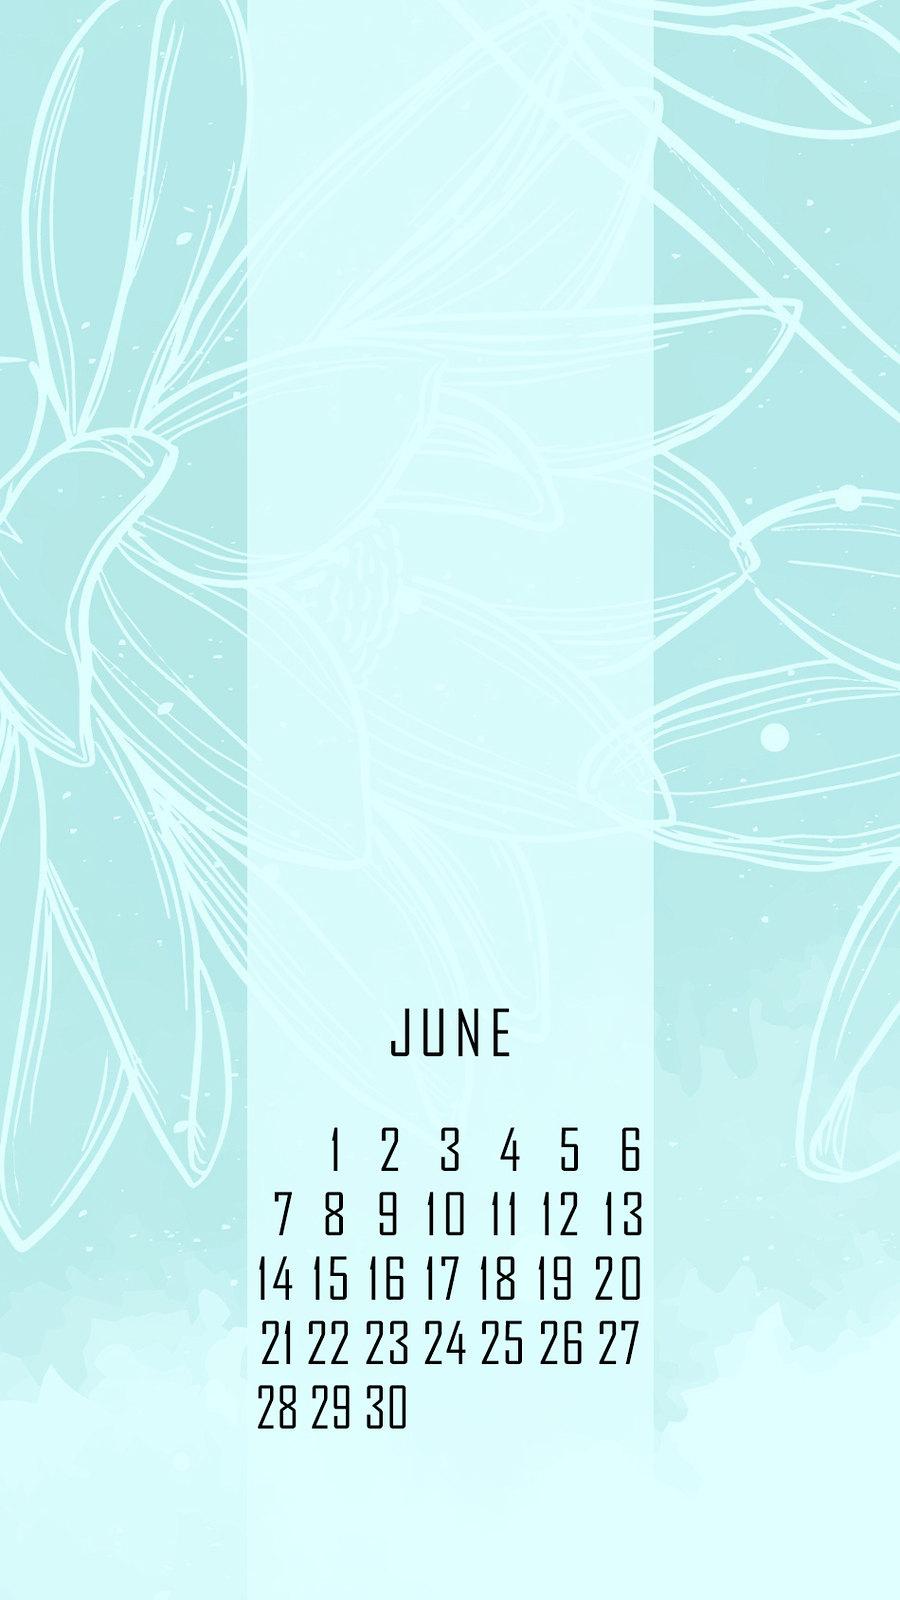 календарь на июнь '21, заставка на смартфон, district-f.org 5